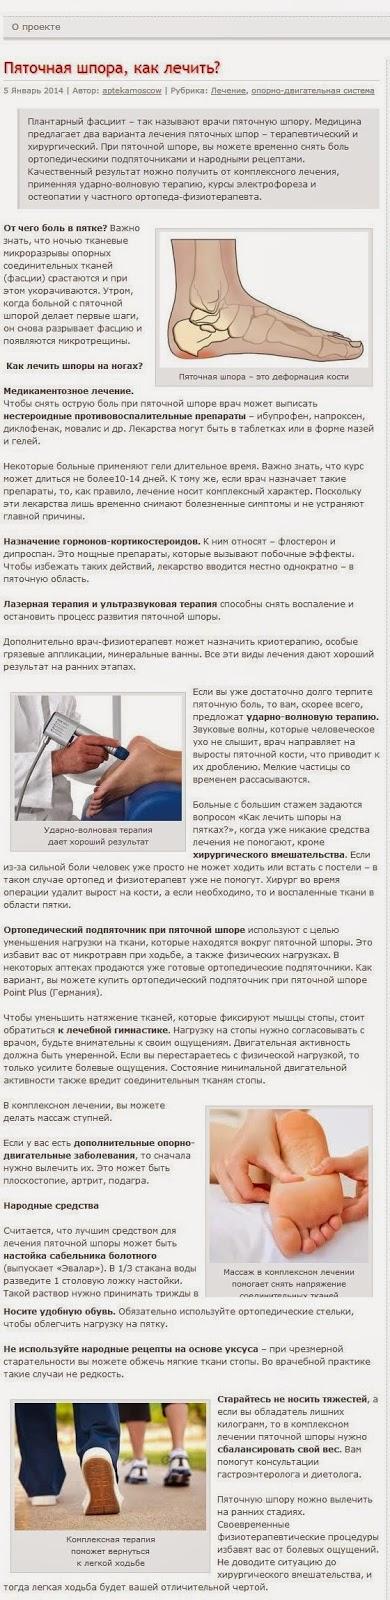 Лечение пяточных шпор в домашних условиях 776